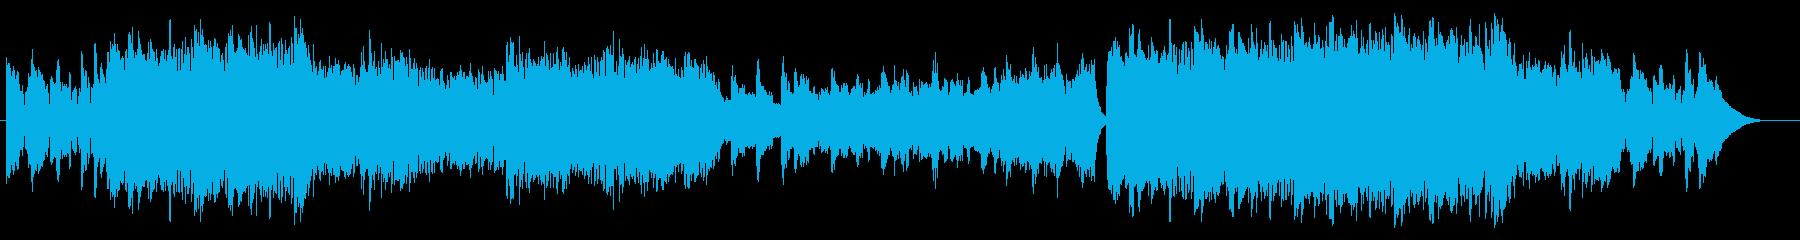 繰り返される旋律が印象的で感動的です。の再生済みの波形